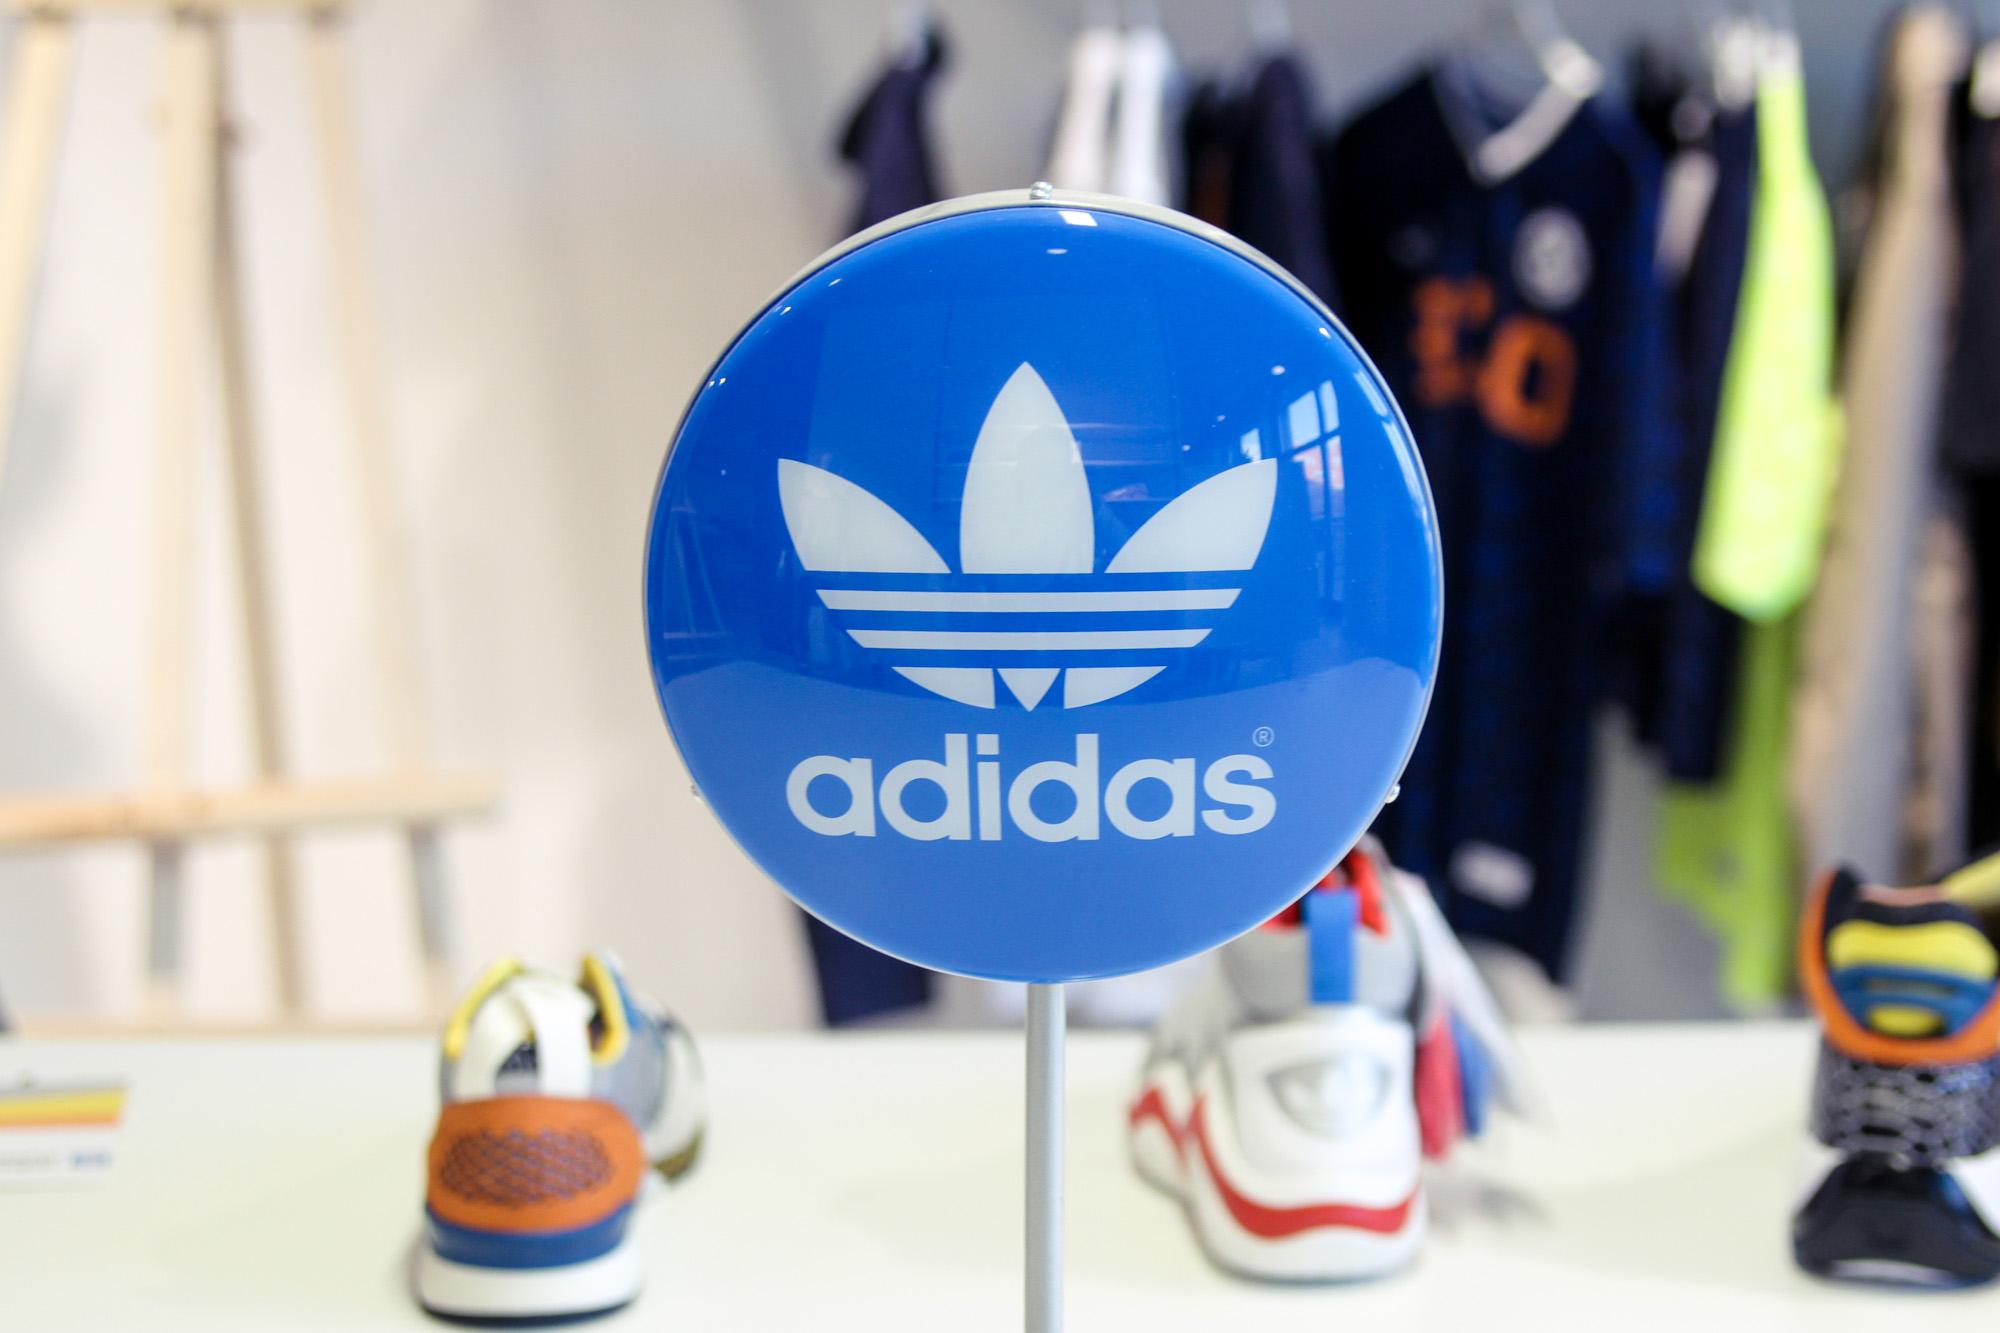 adidas showroom_13.jpg